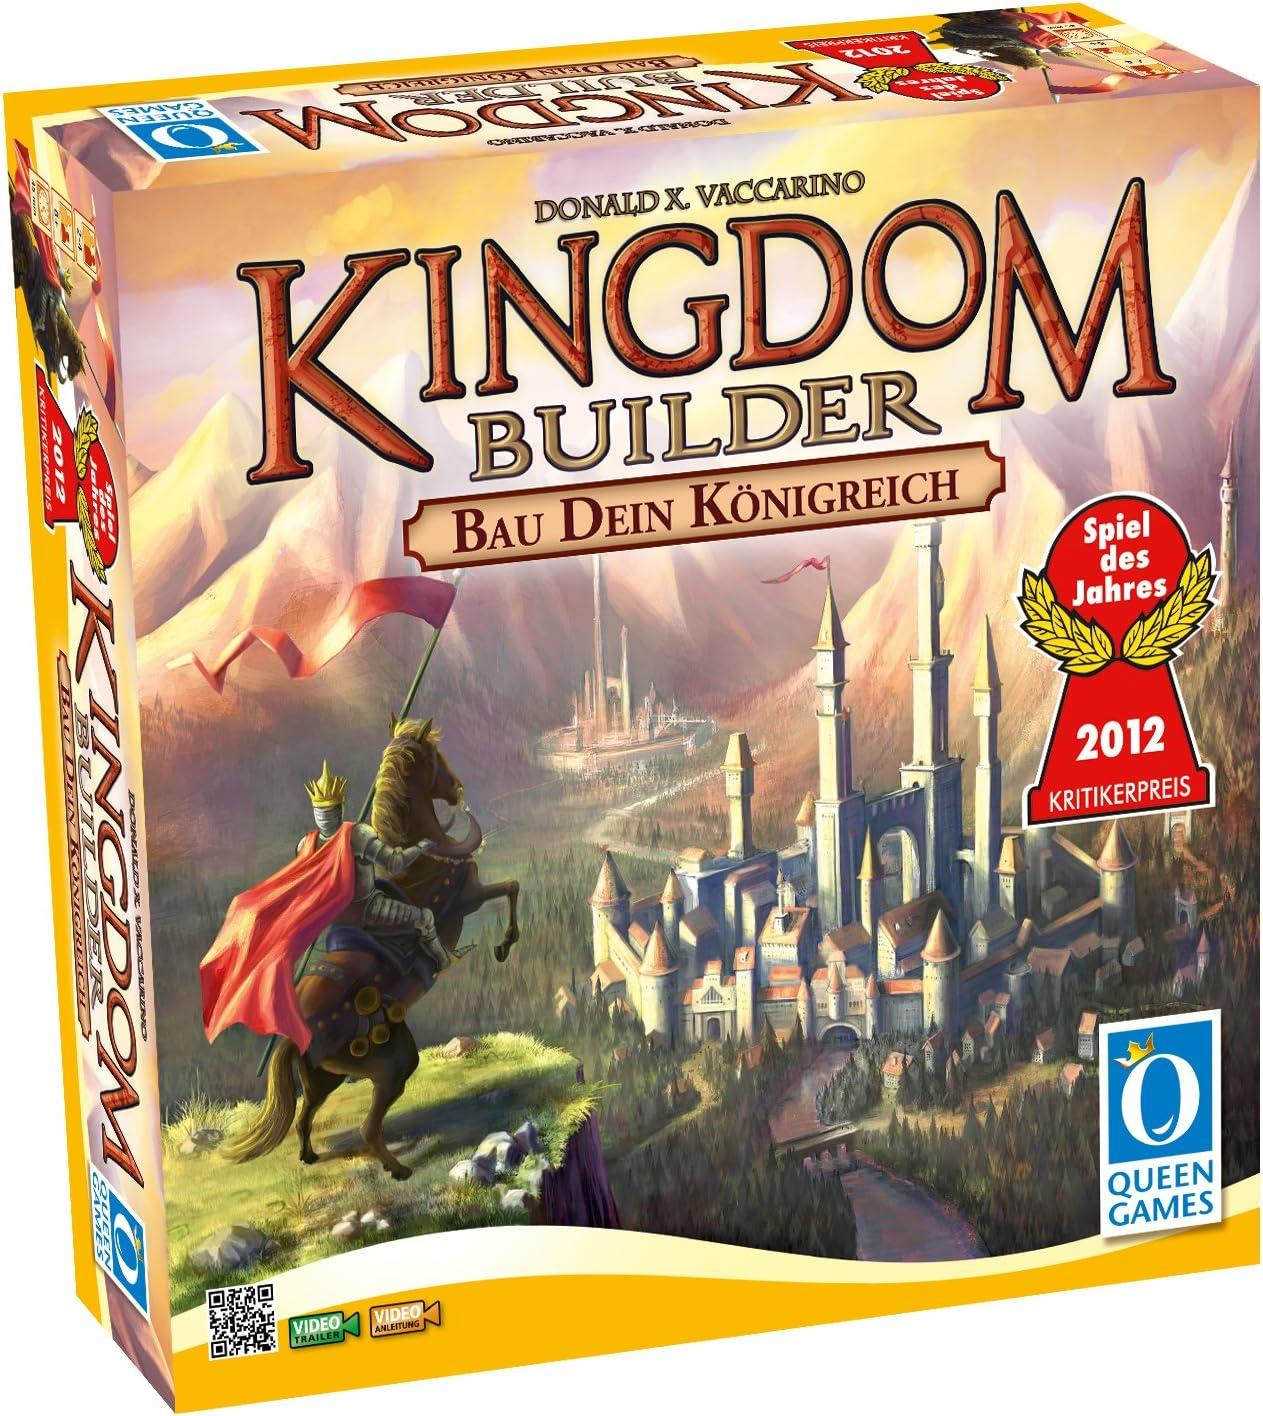 Queen Games - Juguete (versión en alemán): Amazon.es: Juguetes y juegos